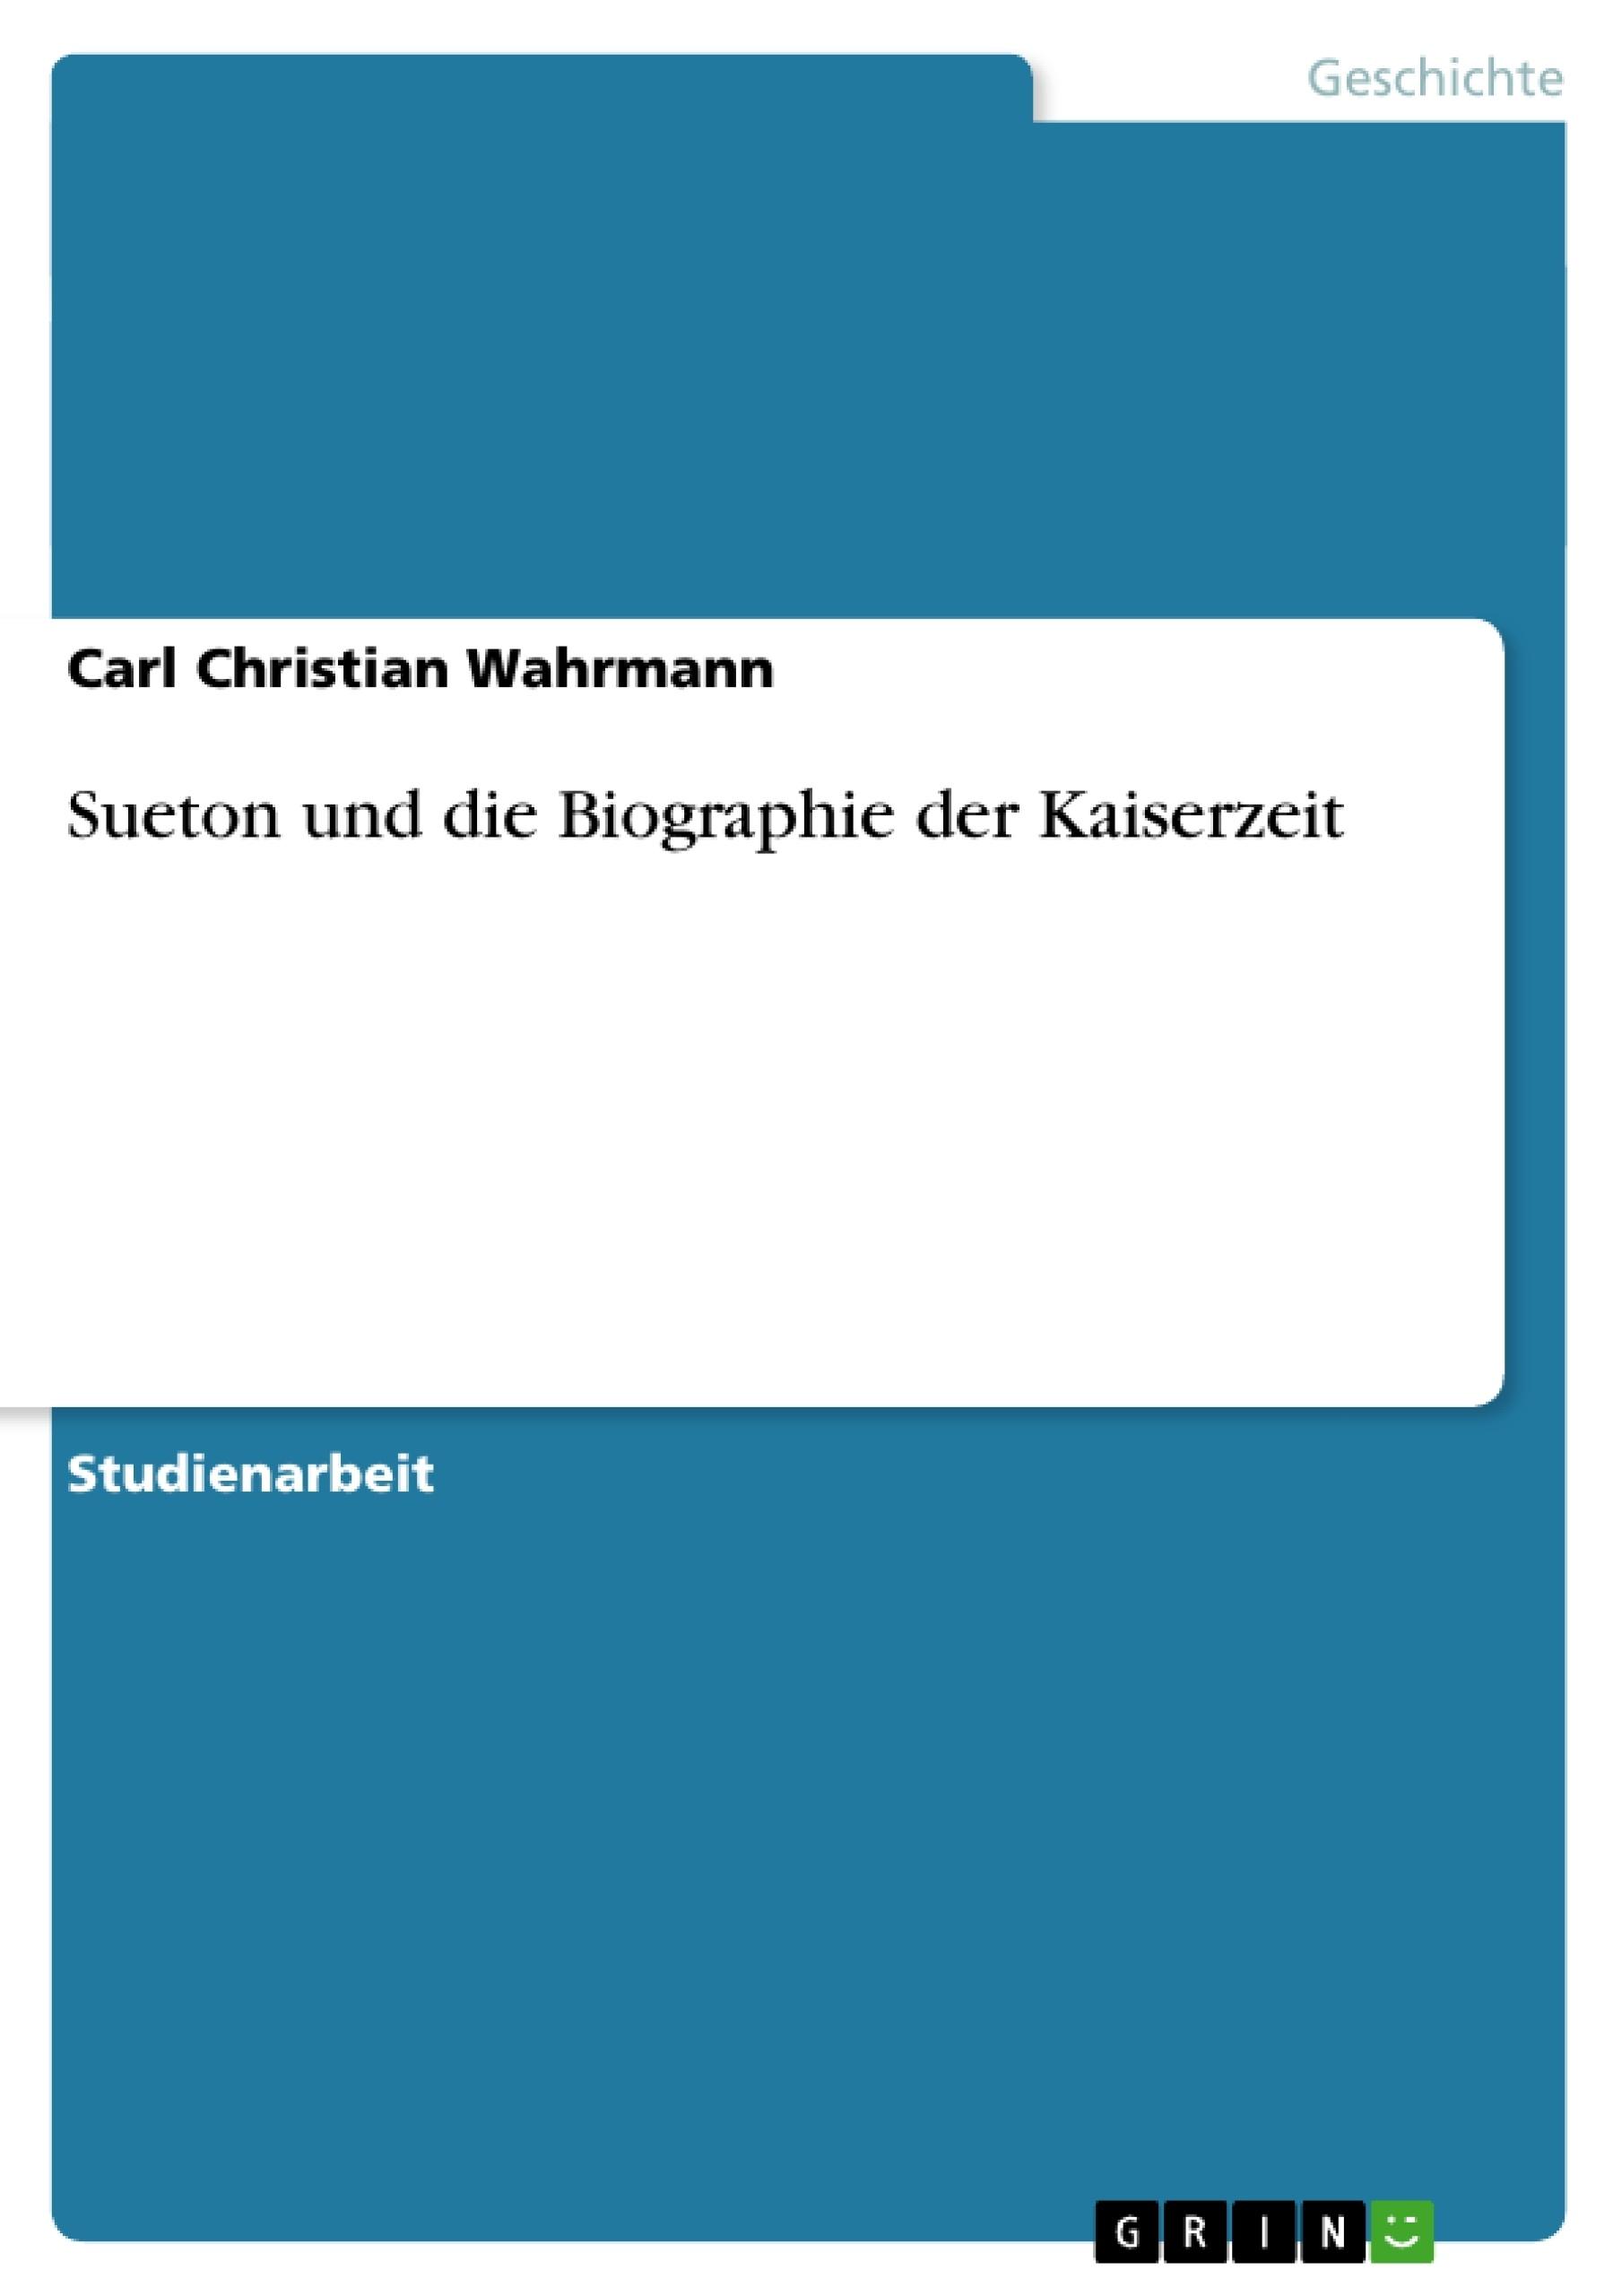 Titel: Sueton und die Biographie der Kaiserzeit